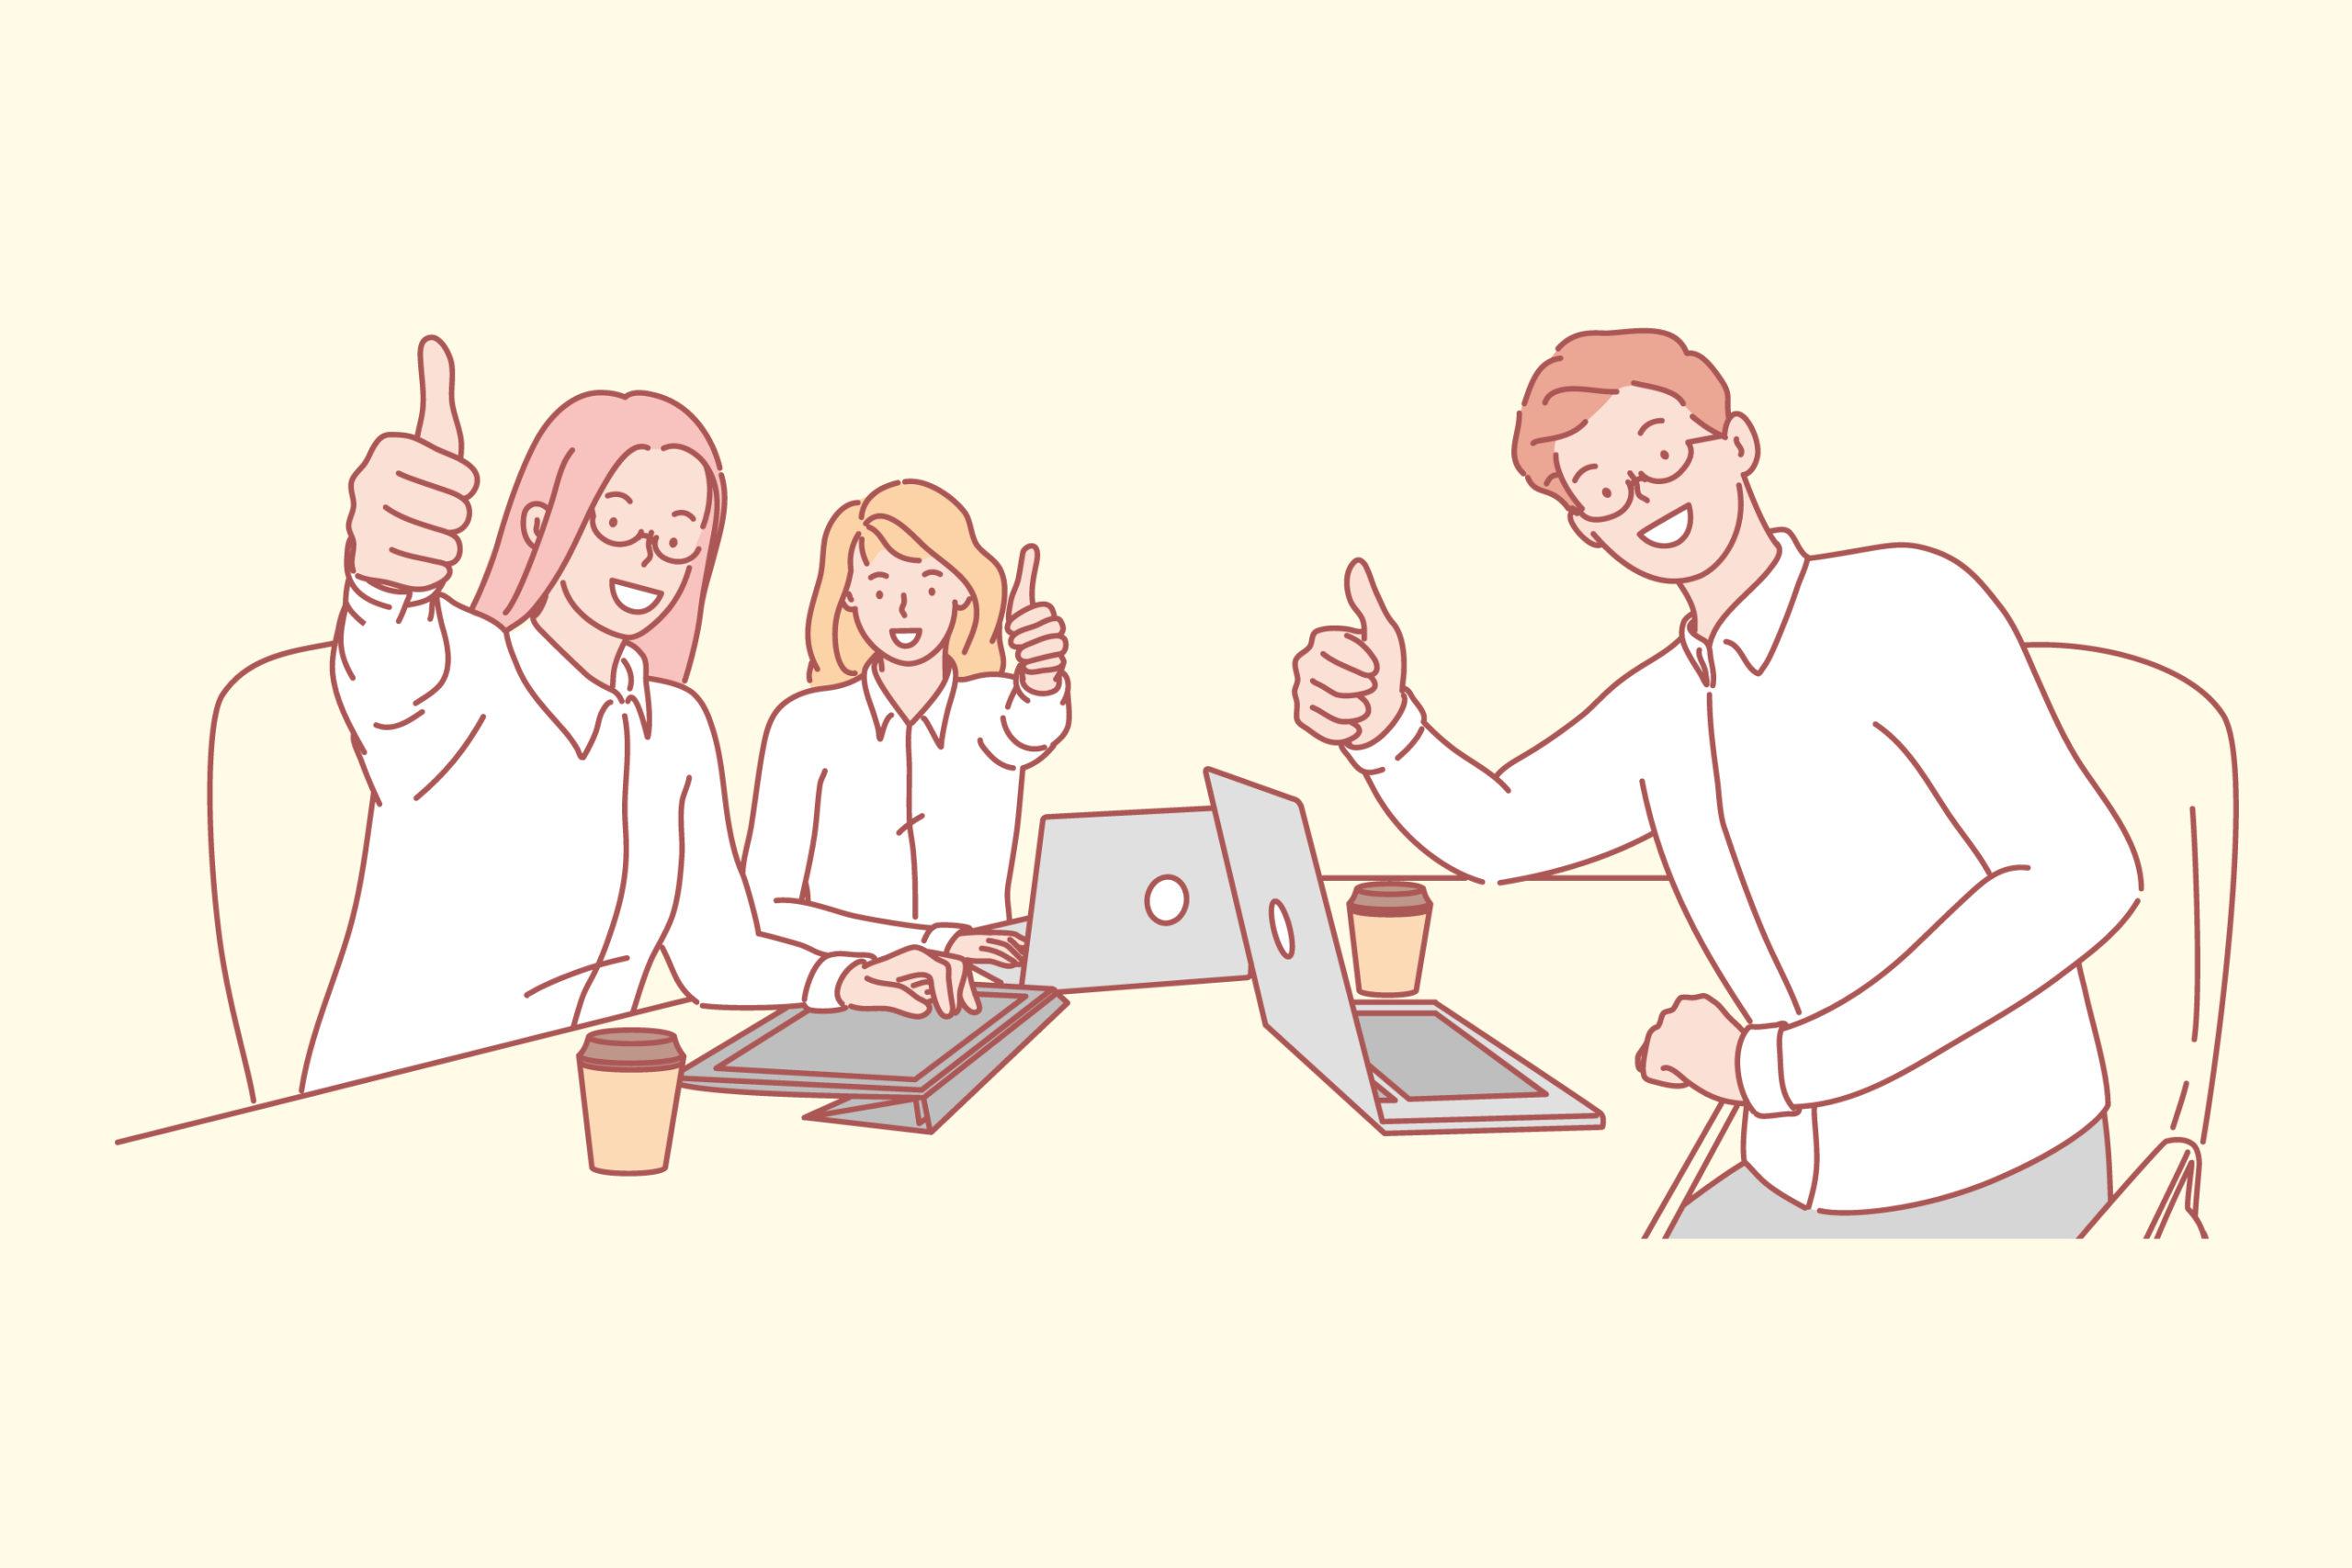 毎日ハッピーに働く!仕事を遊びに変える3ステップ